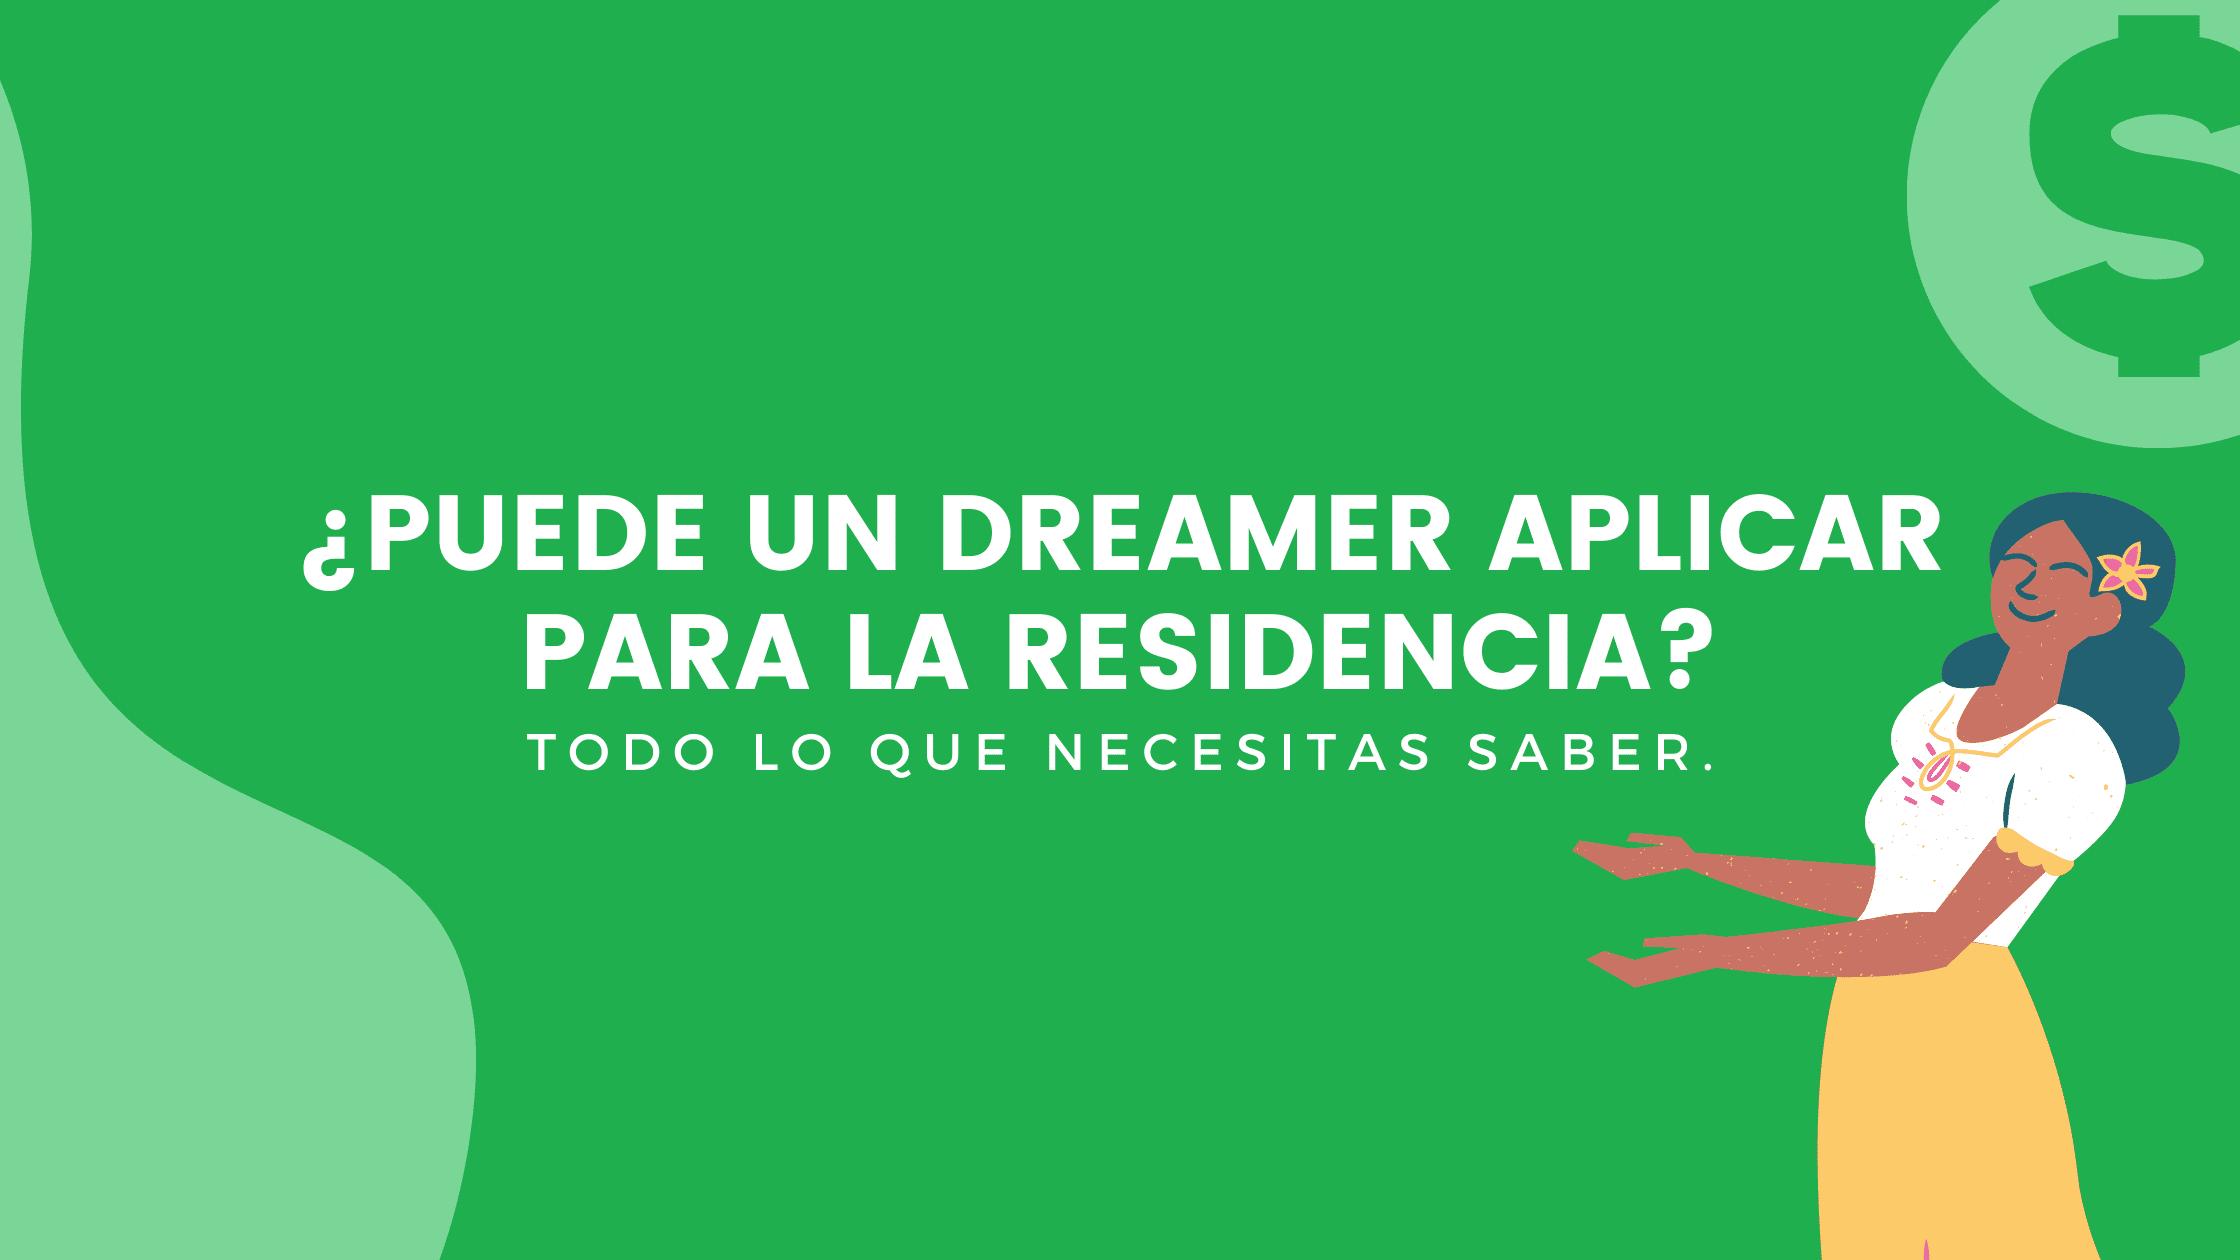 Puede un dreamer aplicar para la residencia